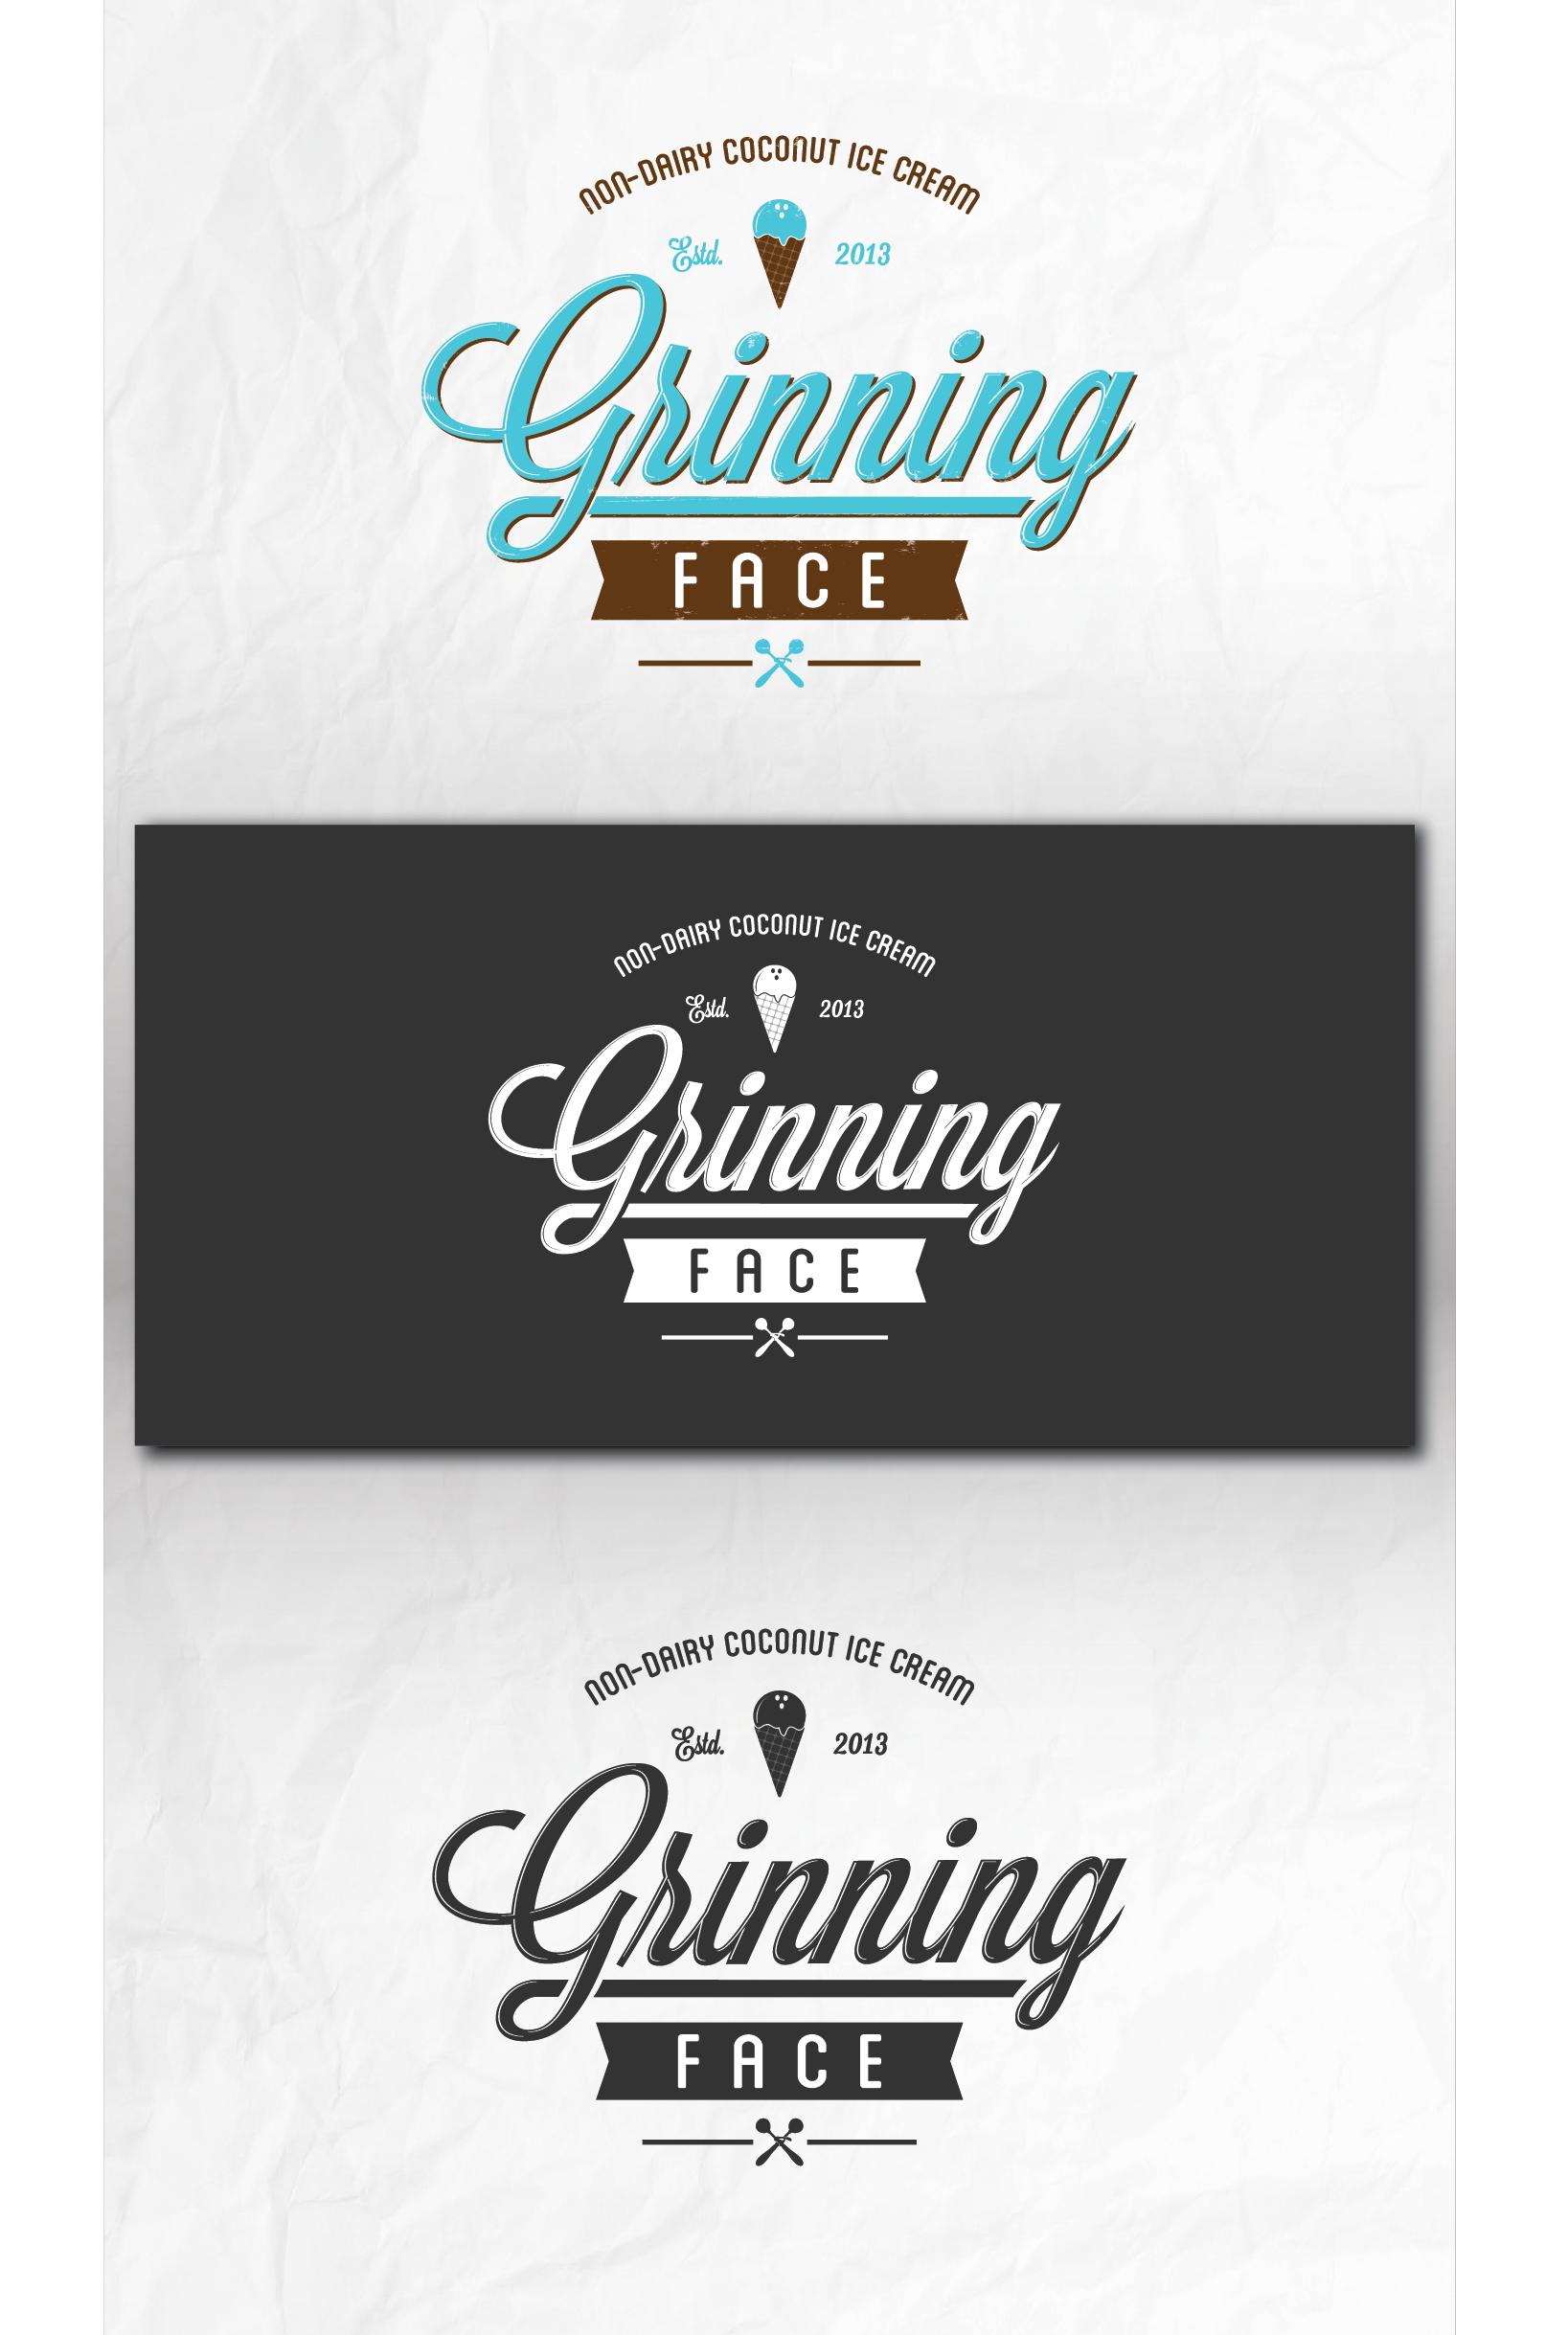 Grinning Face logo design